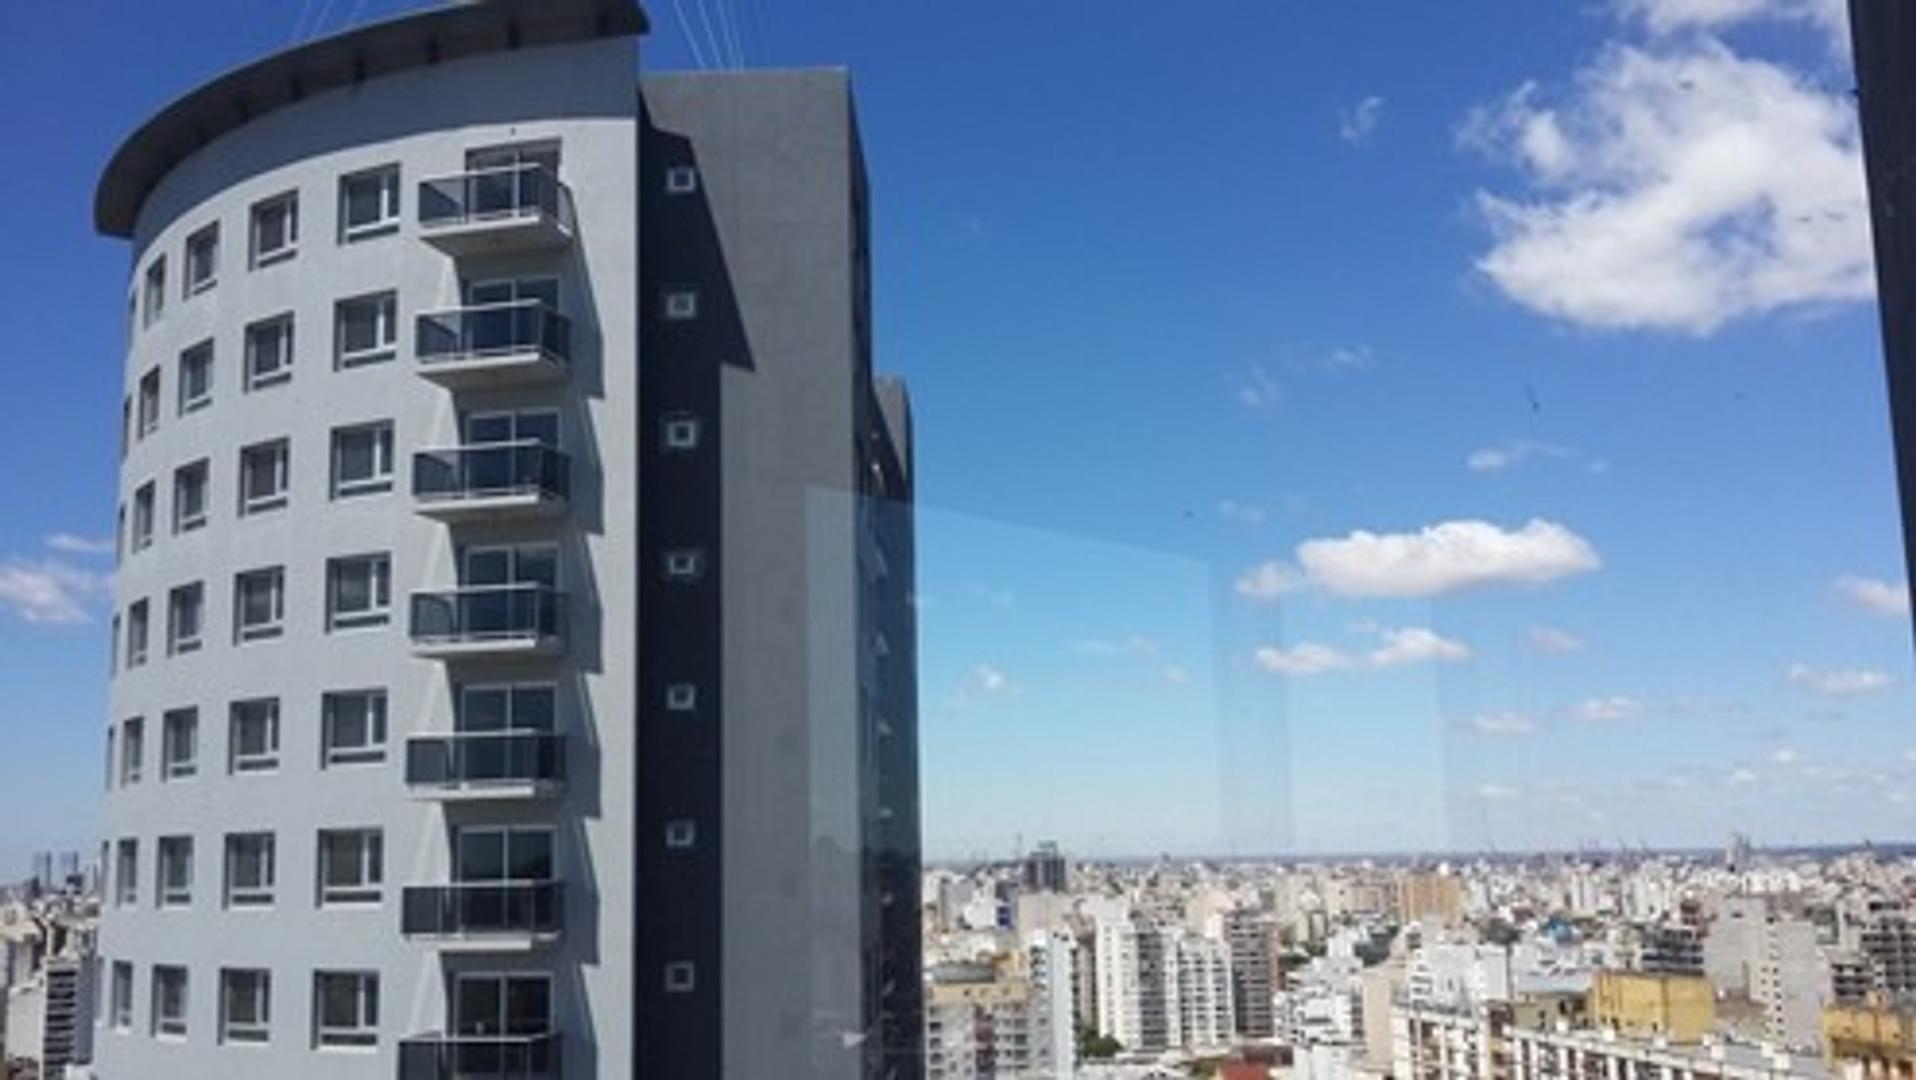 Departamento - Venta - Argentina, Capital Federal - CARLOS CALVO  AL 3000